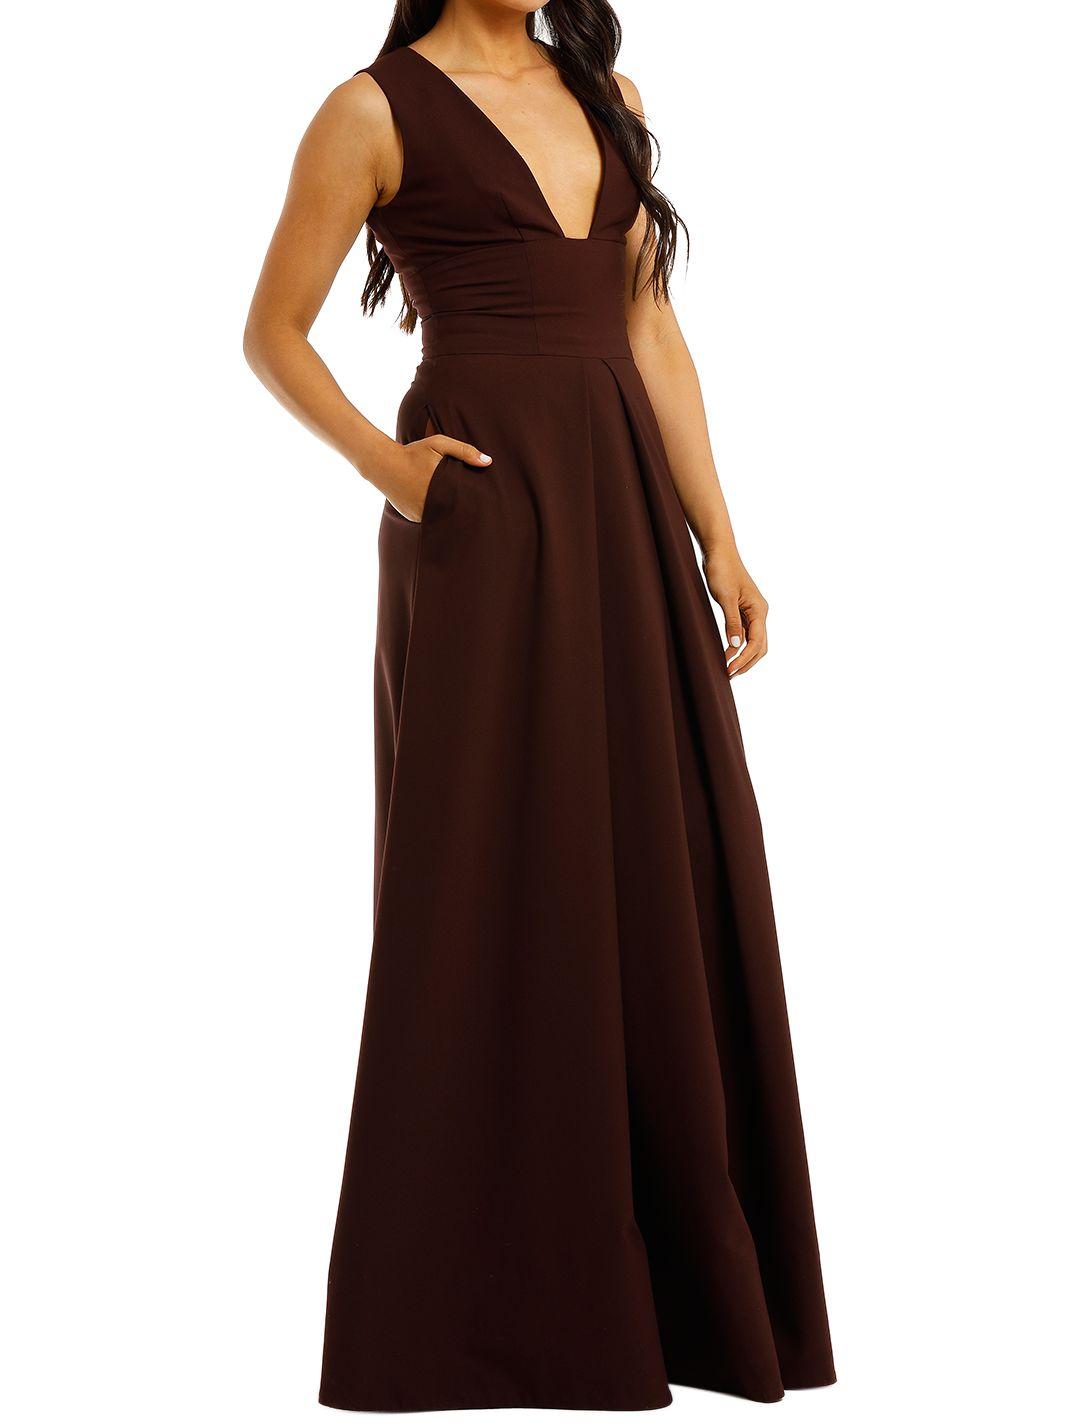 Aurelio-Costarella-Sandrine-Gown-Burgundy-Side